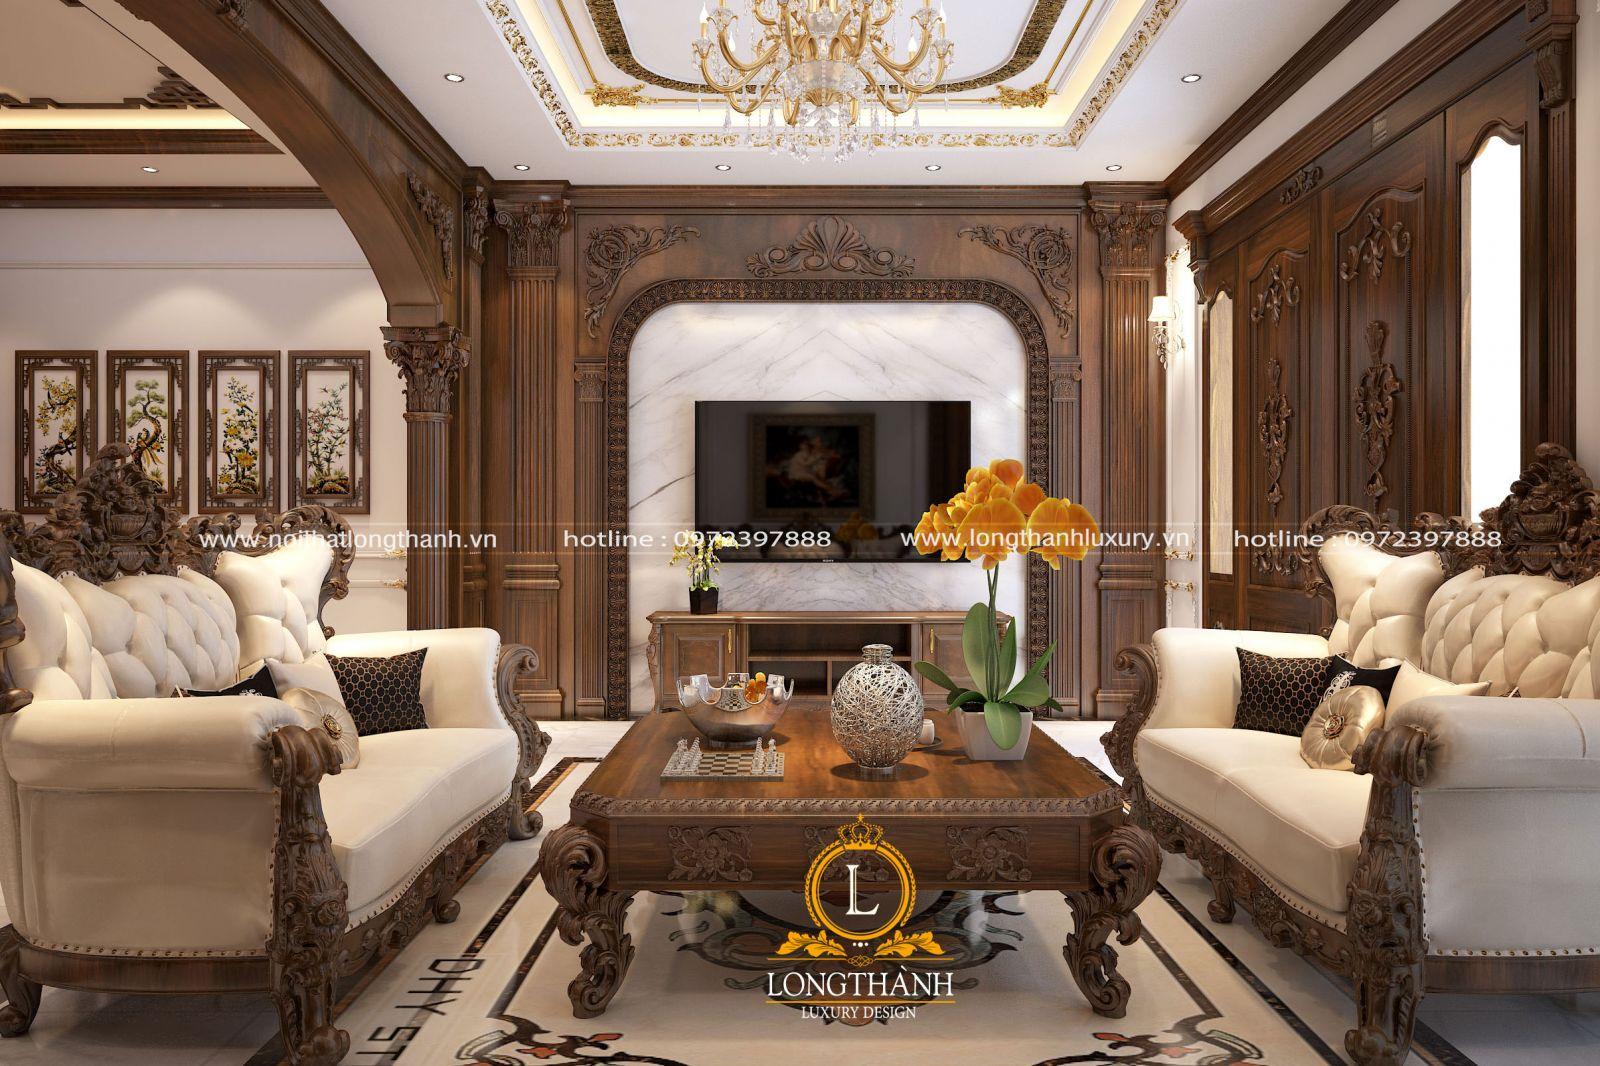 Không gian phòng khách với gỗ Gõ tự nhiên đẳng cấp